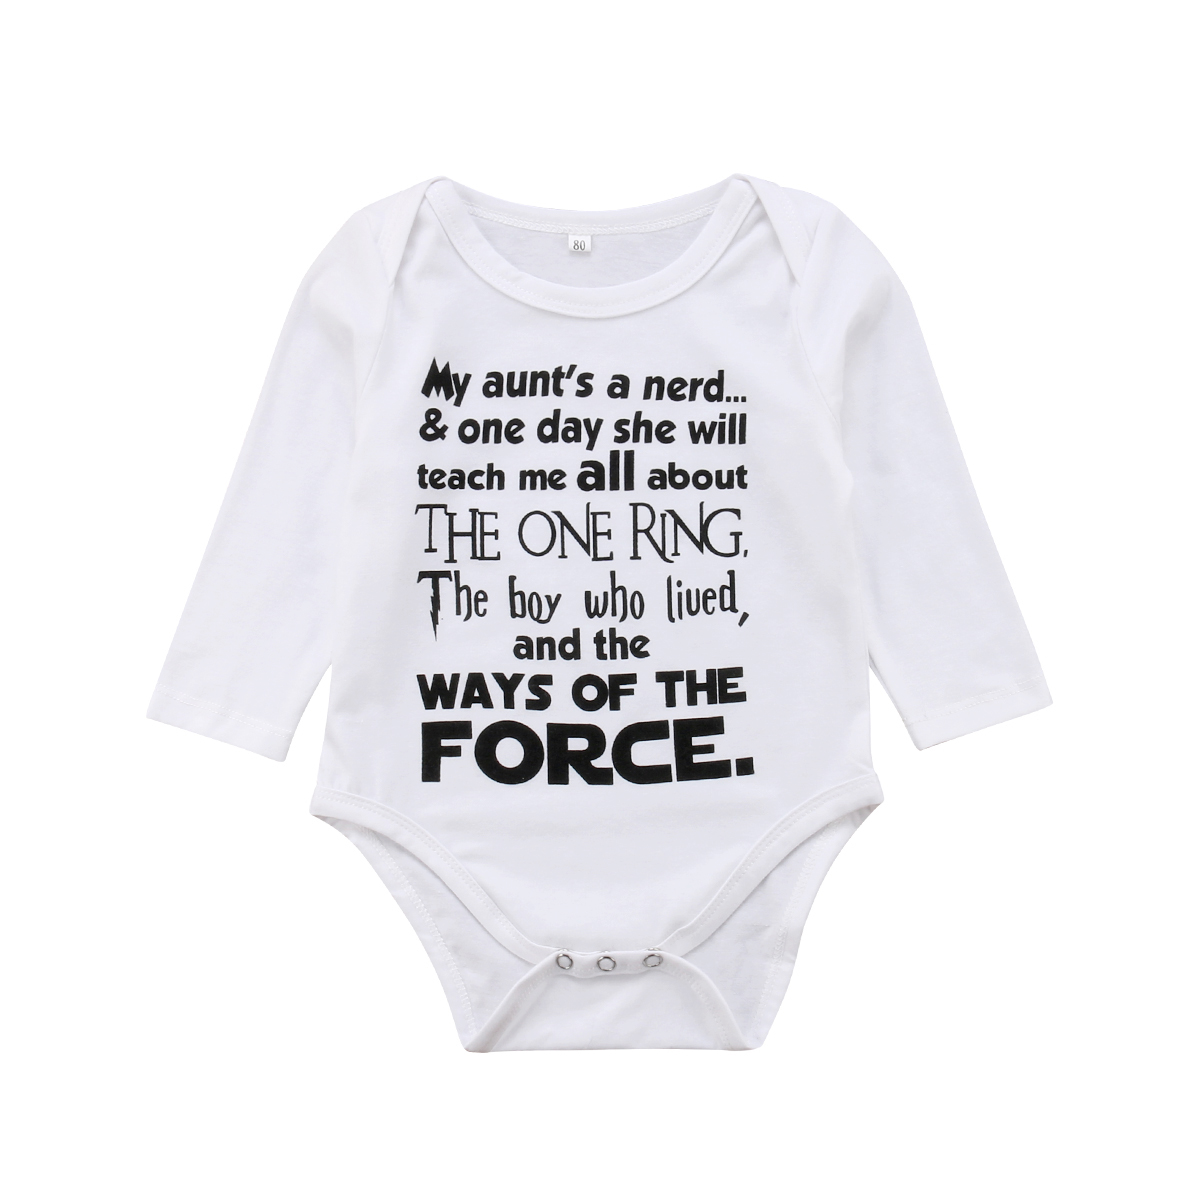 0-18 Mt Neugeborene Jungen Mädchen Langarm Brief Drucken Baumwolle Romper Overall Outfits Baby Kleidung Elegant Im Geruch